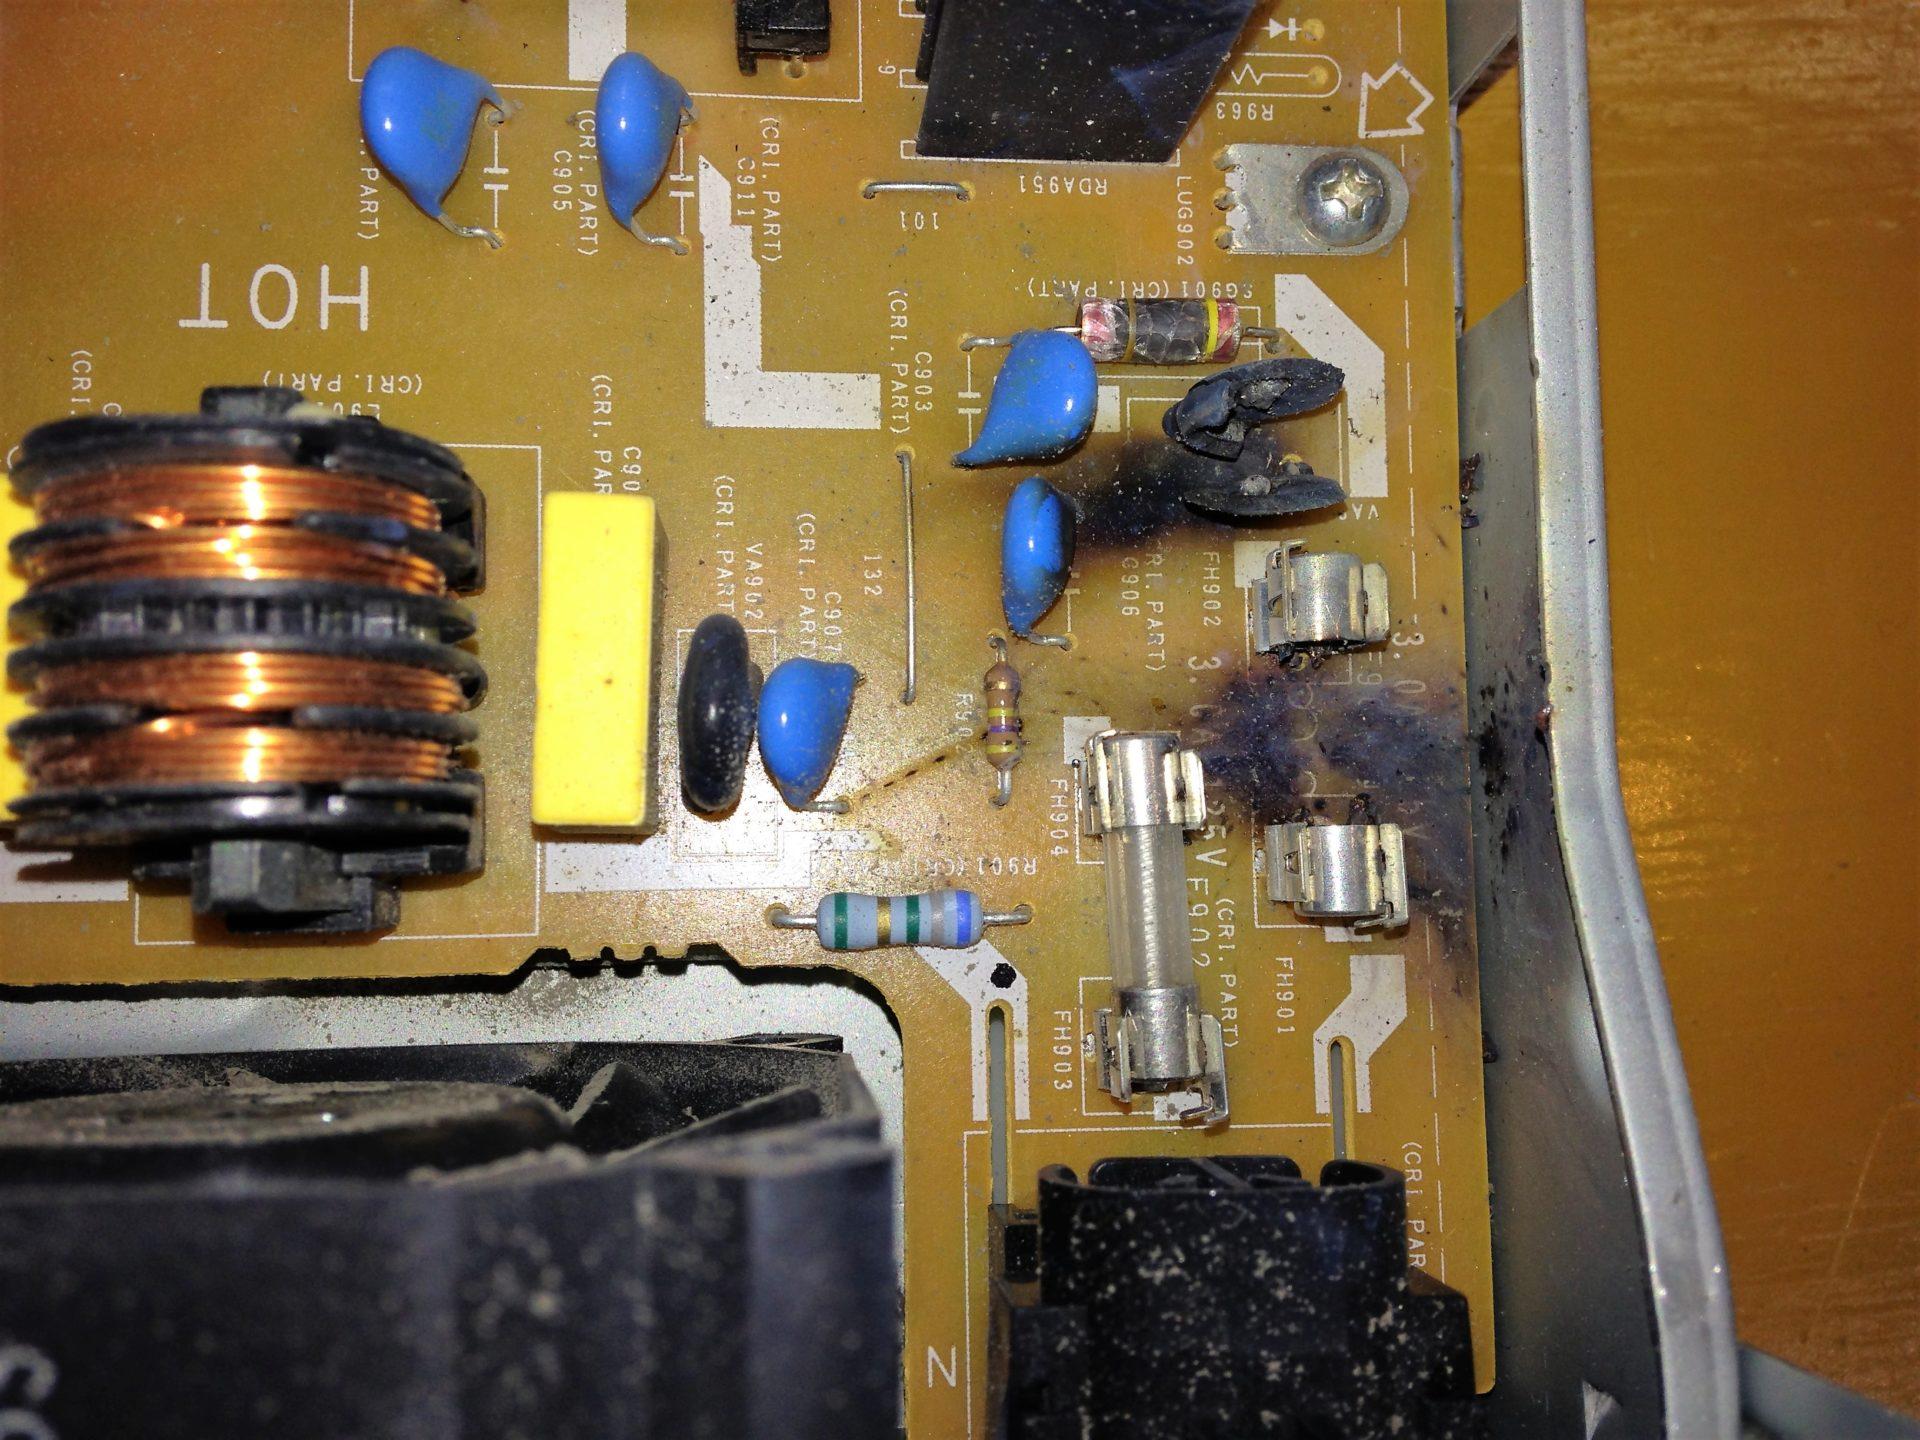 落雷で電源が入らない、ブルーレイディスクレコーダーの修理